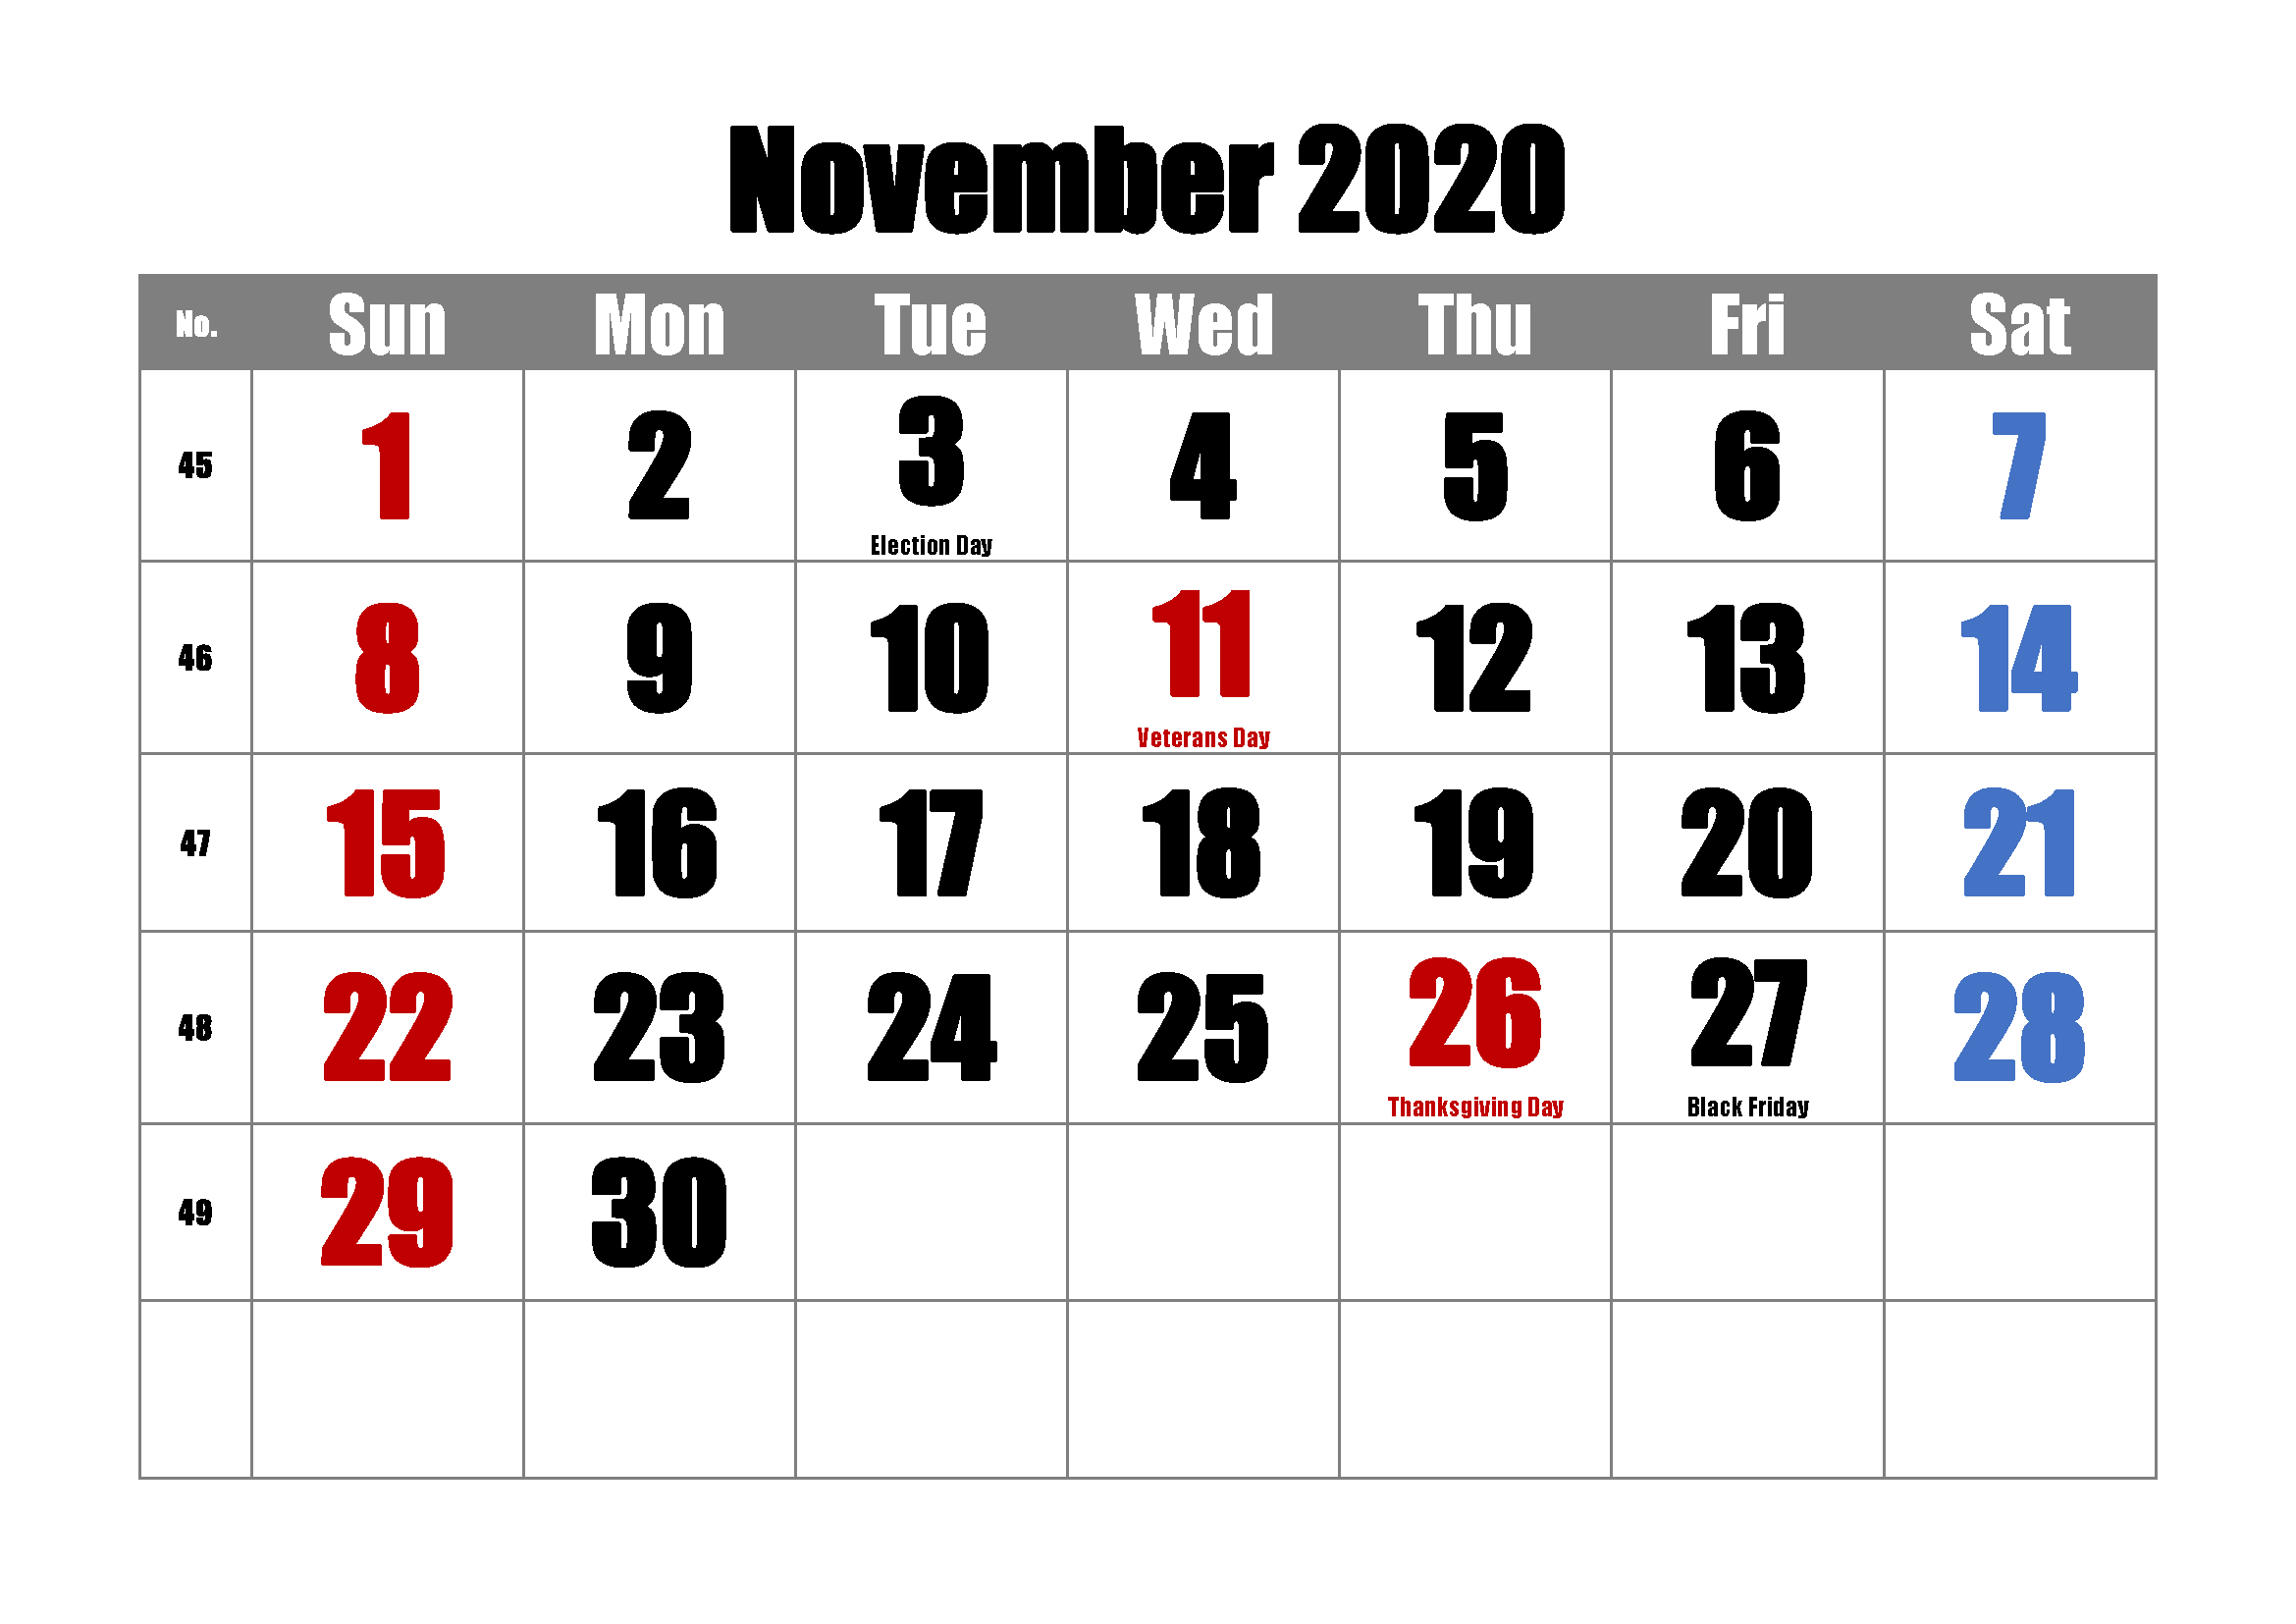 Calendar for November 2020